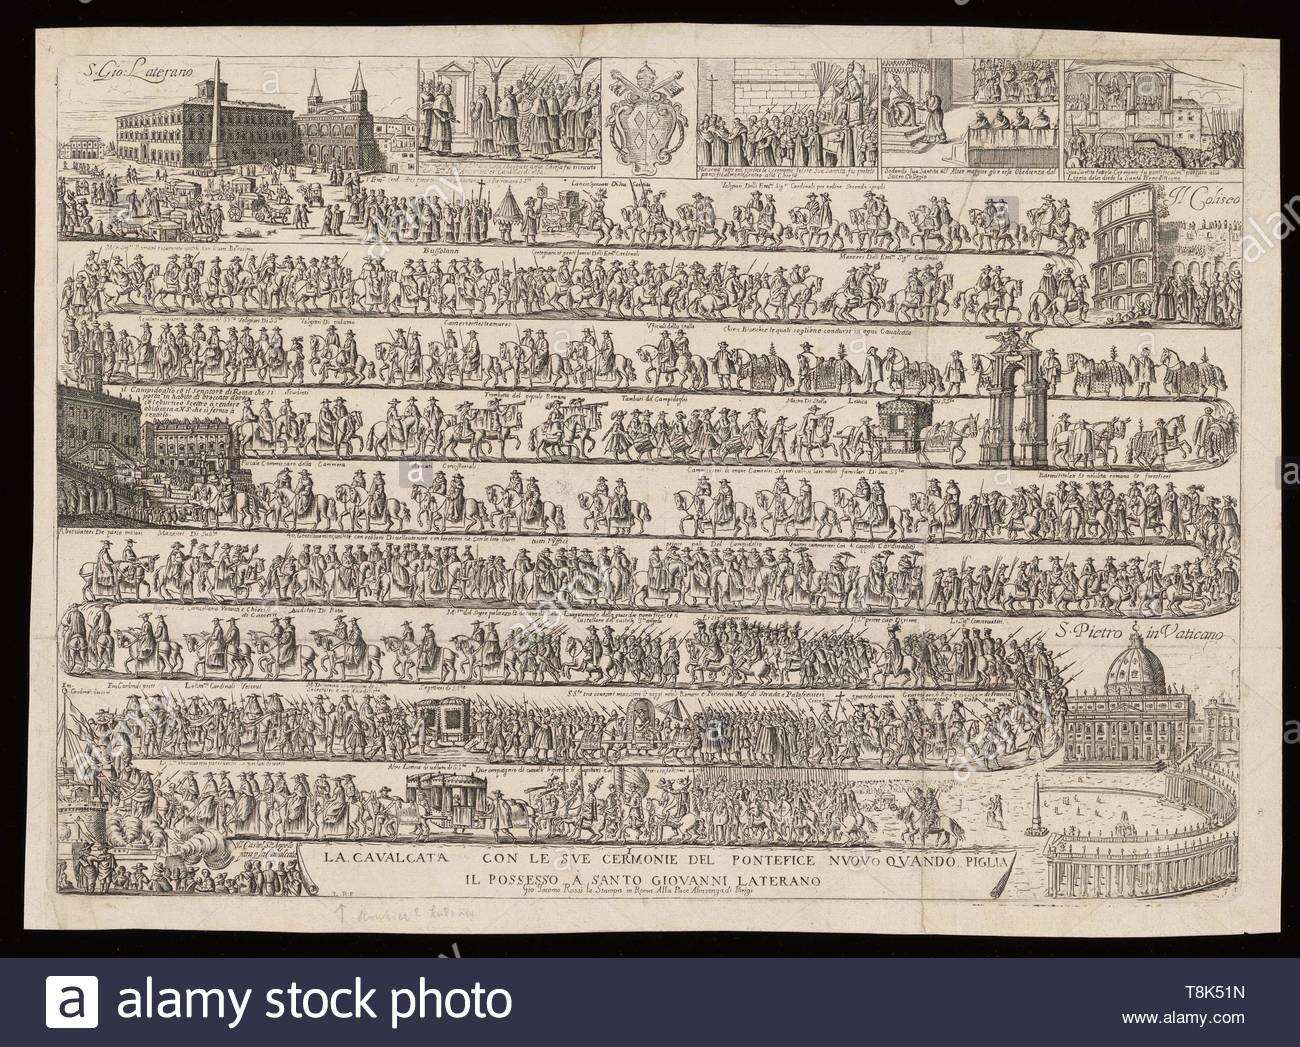 Rouhier, Louis, active 1650, printmaker.-La cavalcata con le sue cerimonie del Pontefice nuovo quando piglia il possesso a Santo Giovanni Laterano, [circa 1667] - Stock Image